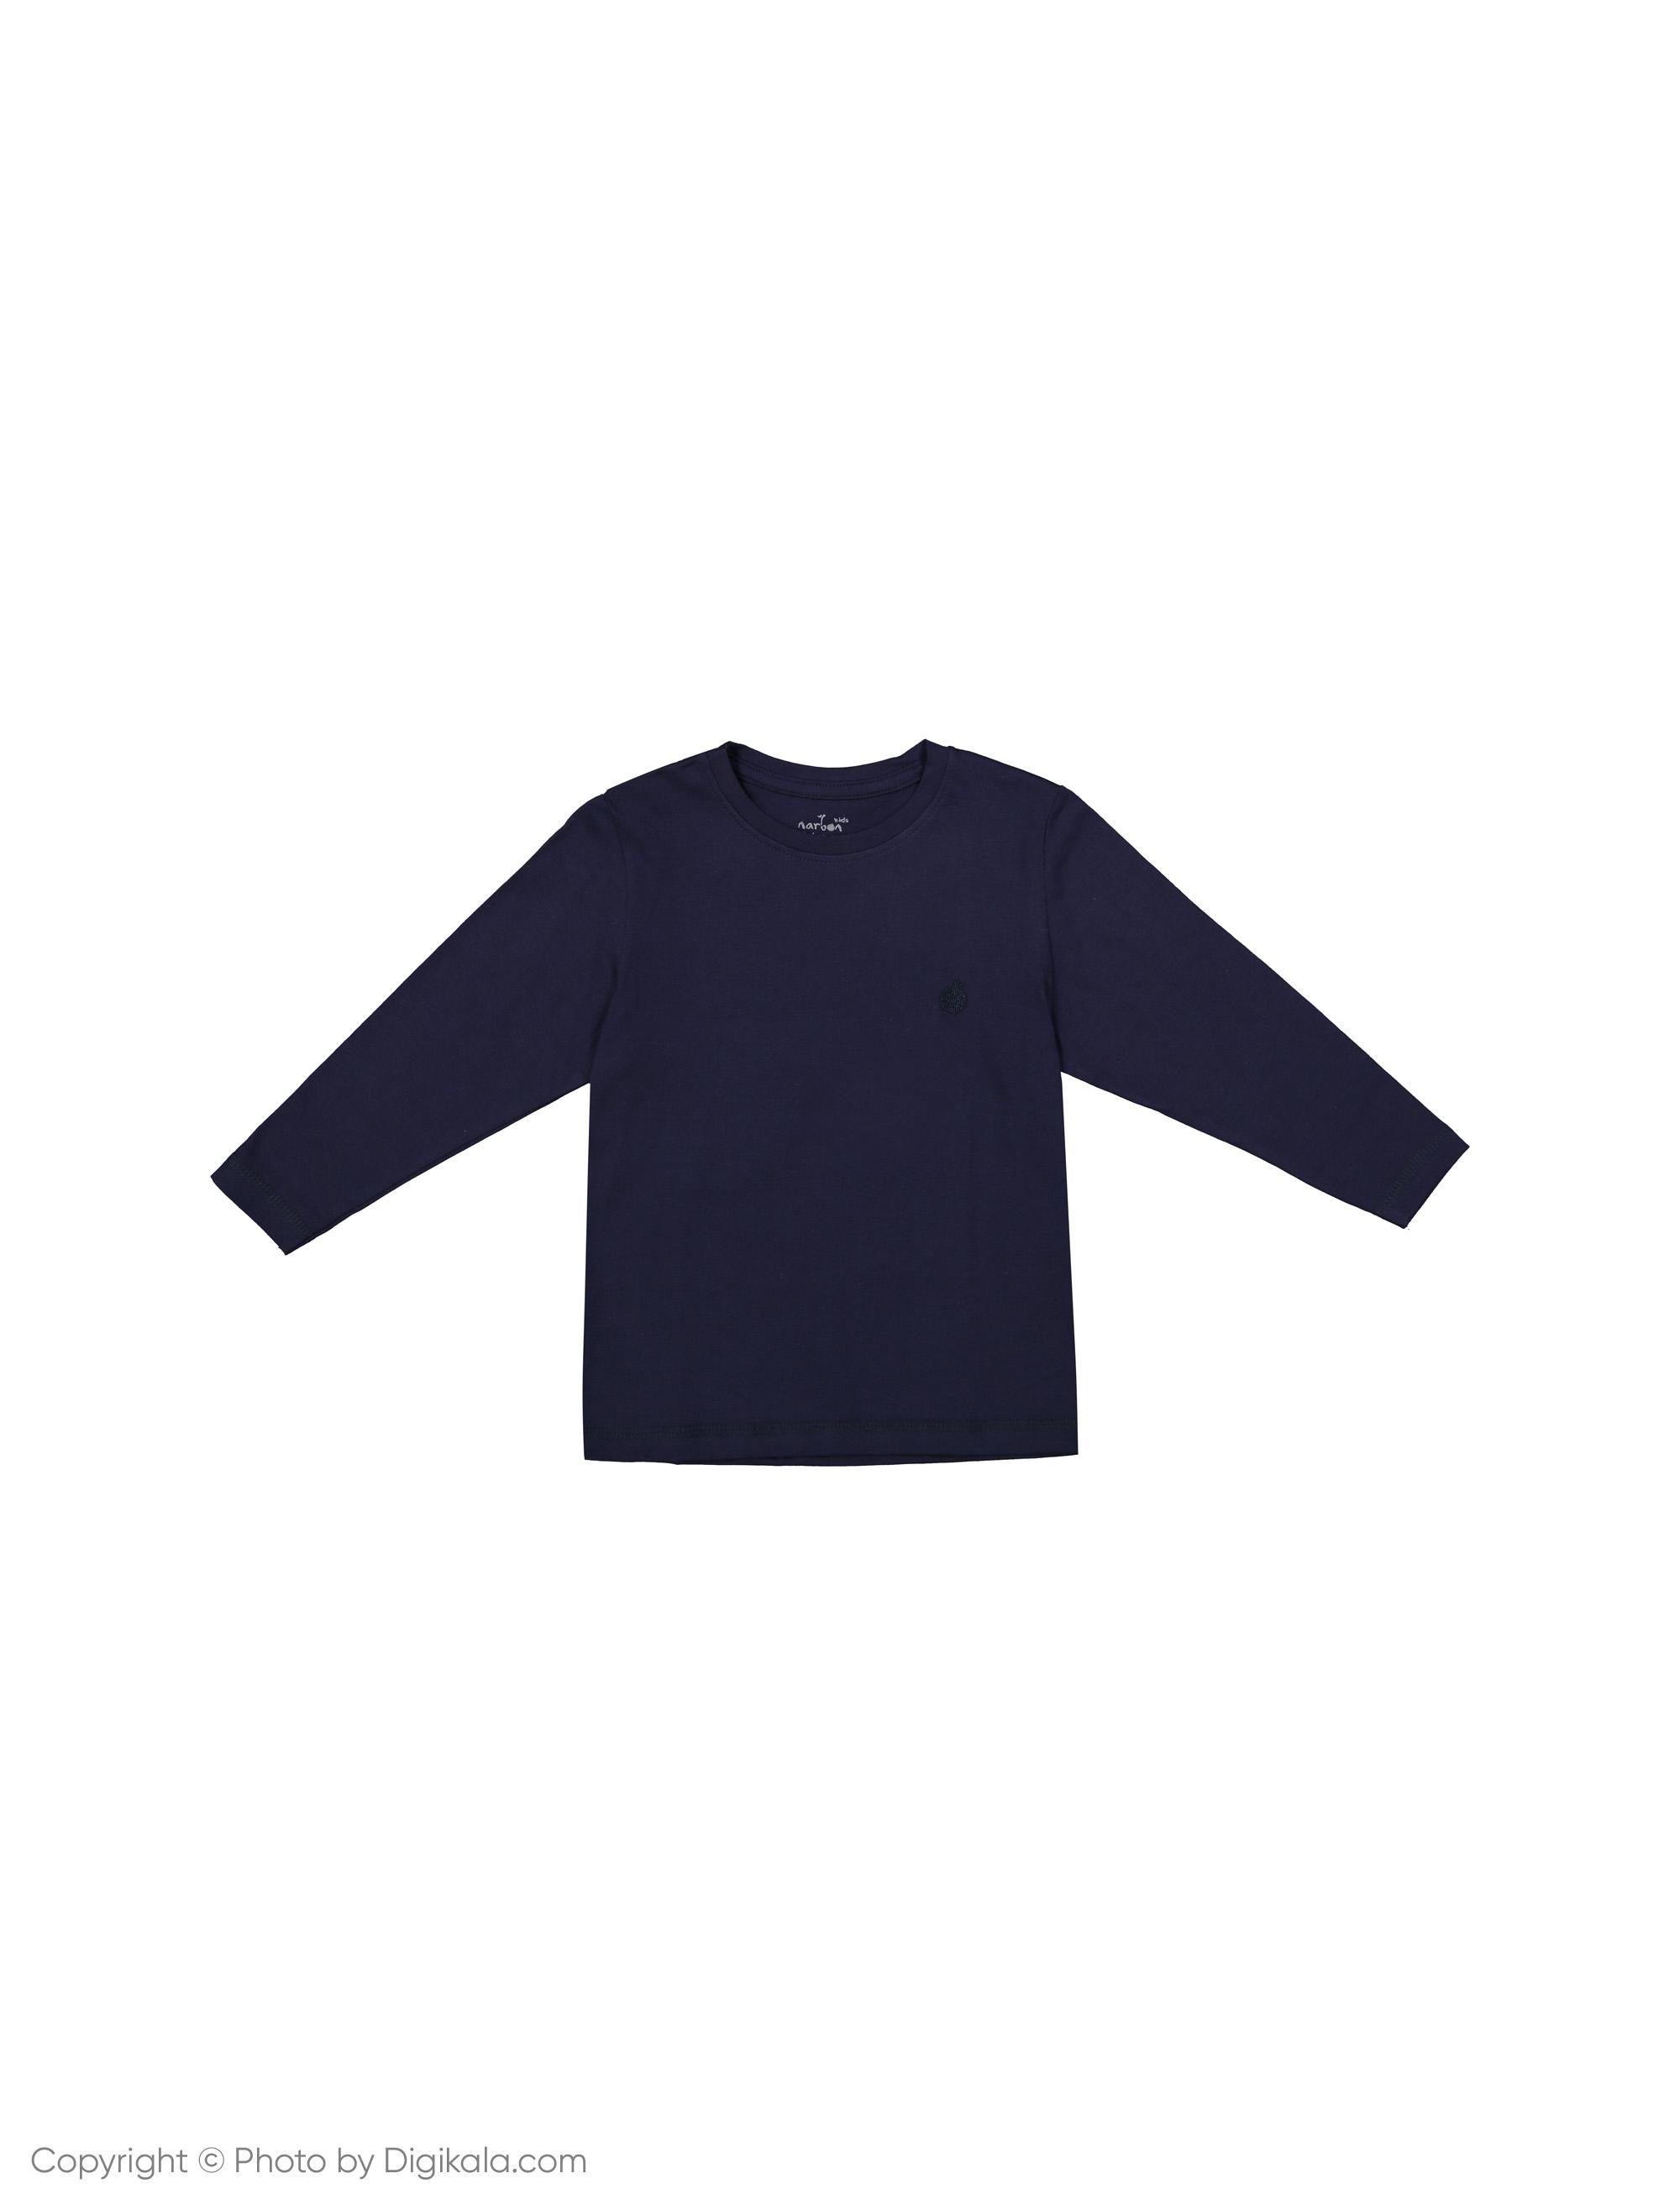 تی شرت بچگانه ناربن مدل 1521161-59